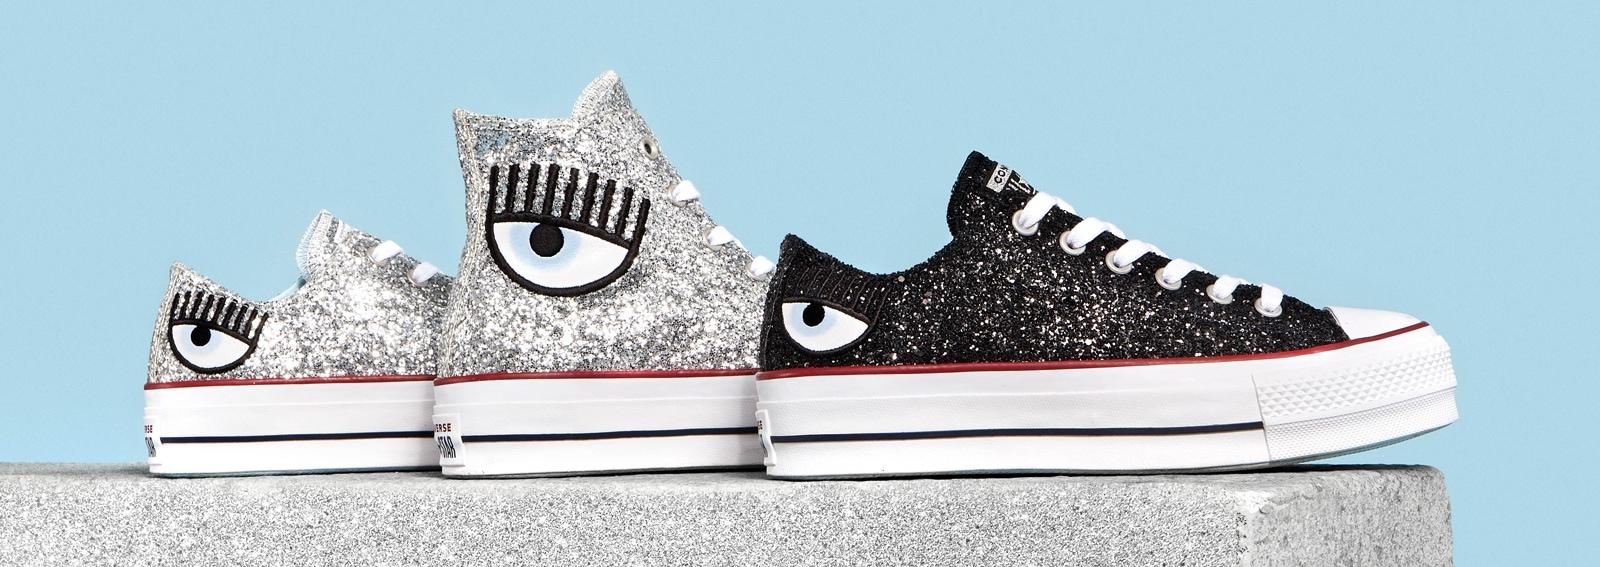 Converse x Chiara Ferragni: la mini collezione di sneakers glitterate